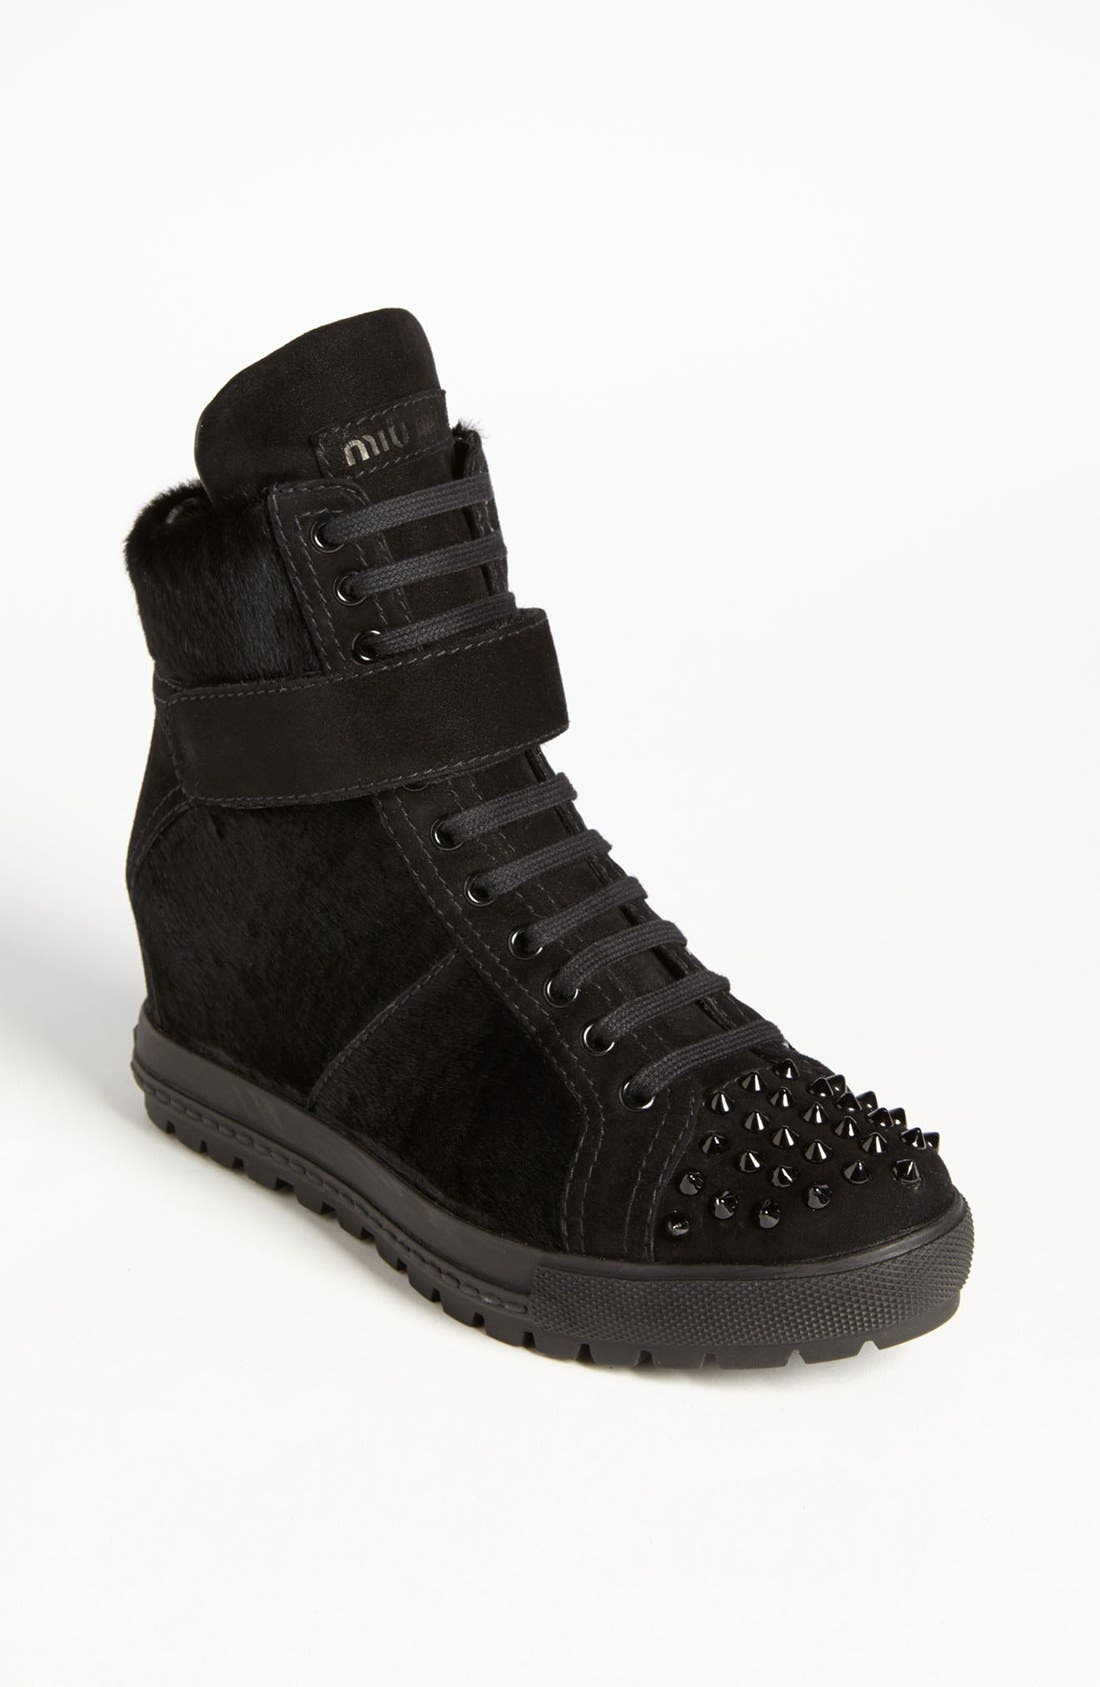 Alternate Image 1 Selected - Miu Miu Wedge Sneaker